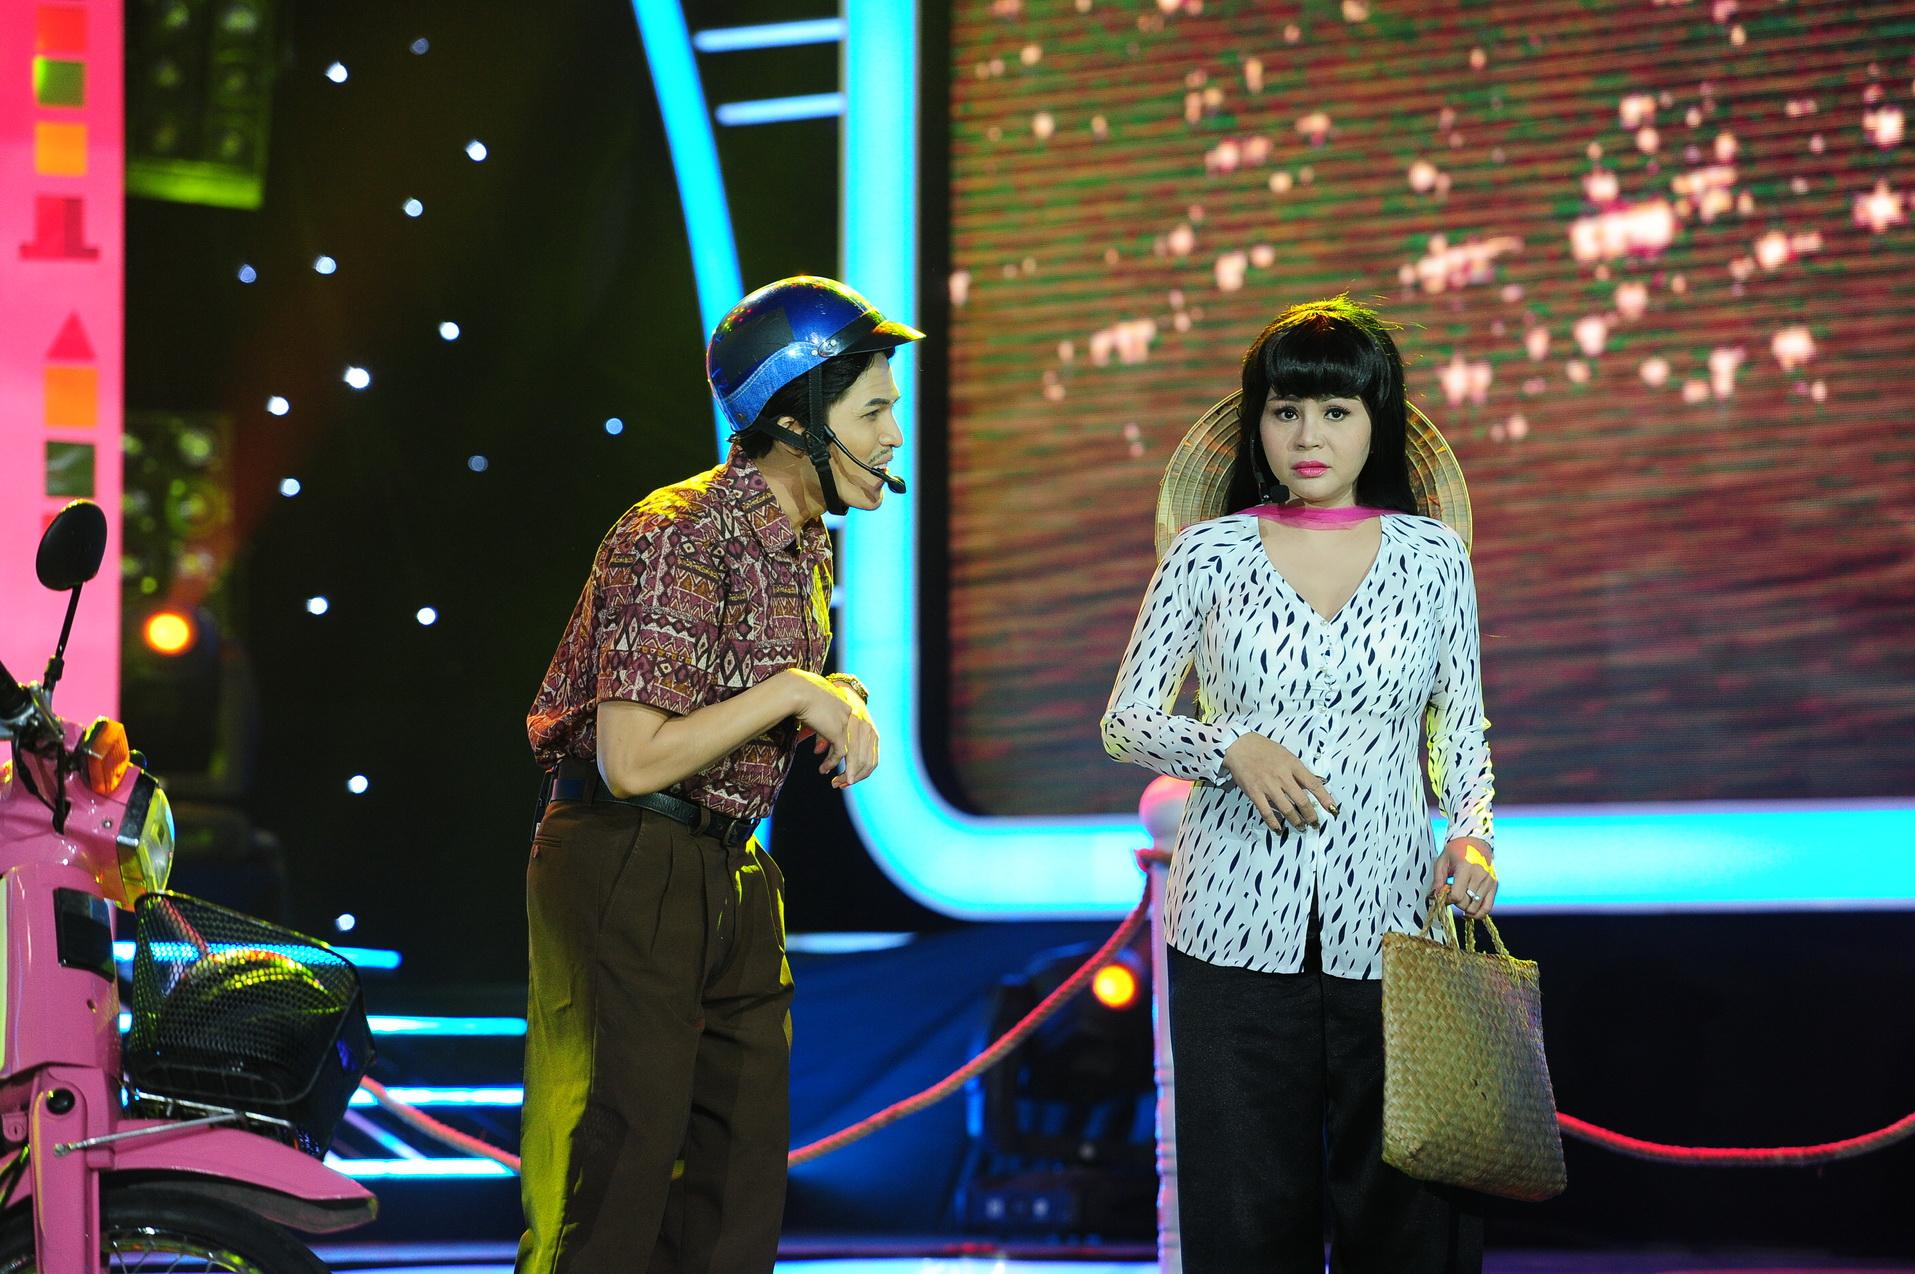 Hoàng Yến Chibi ám ảnh rách cơ khi tập xoạc chân như Hoàng Thùy Linh - Ảnh 9.